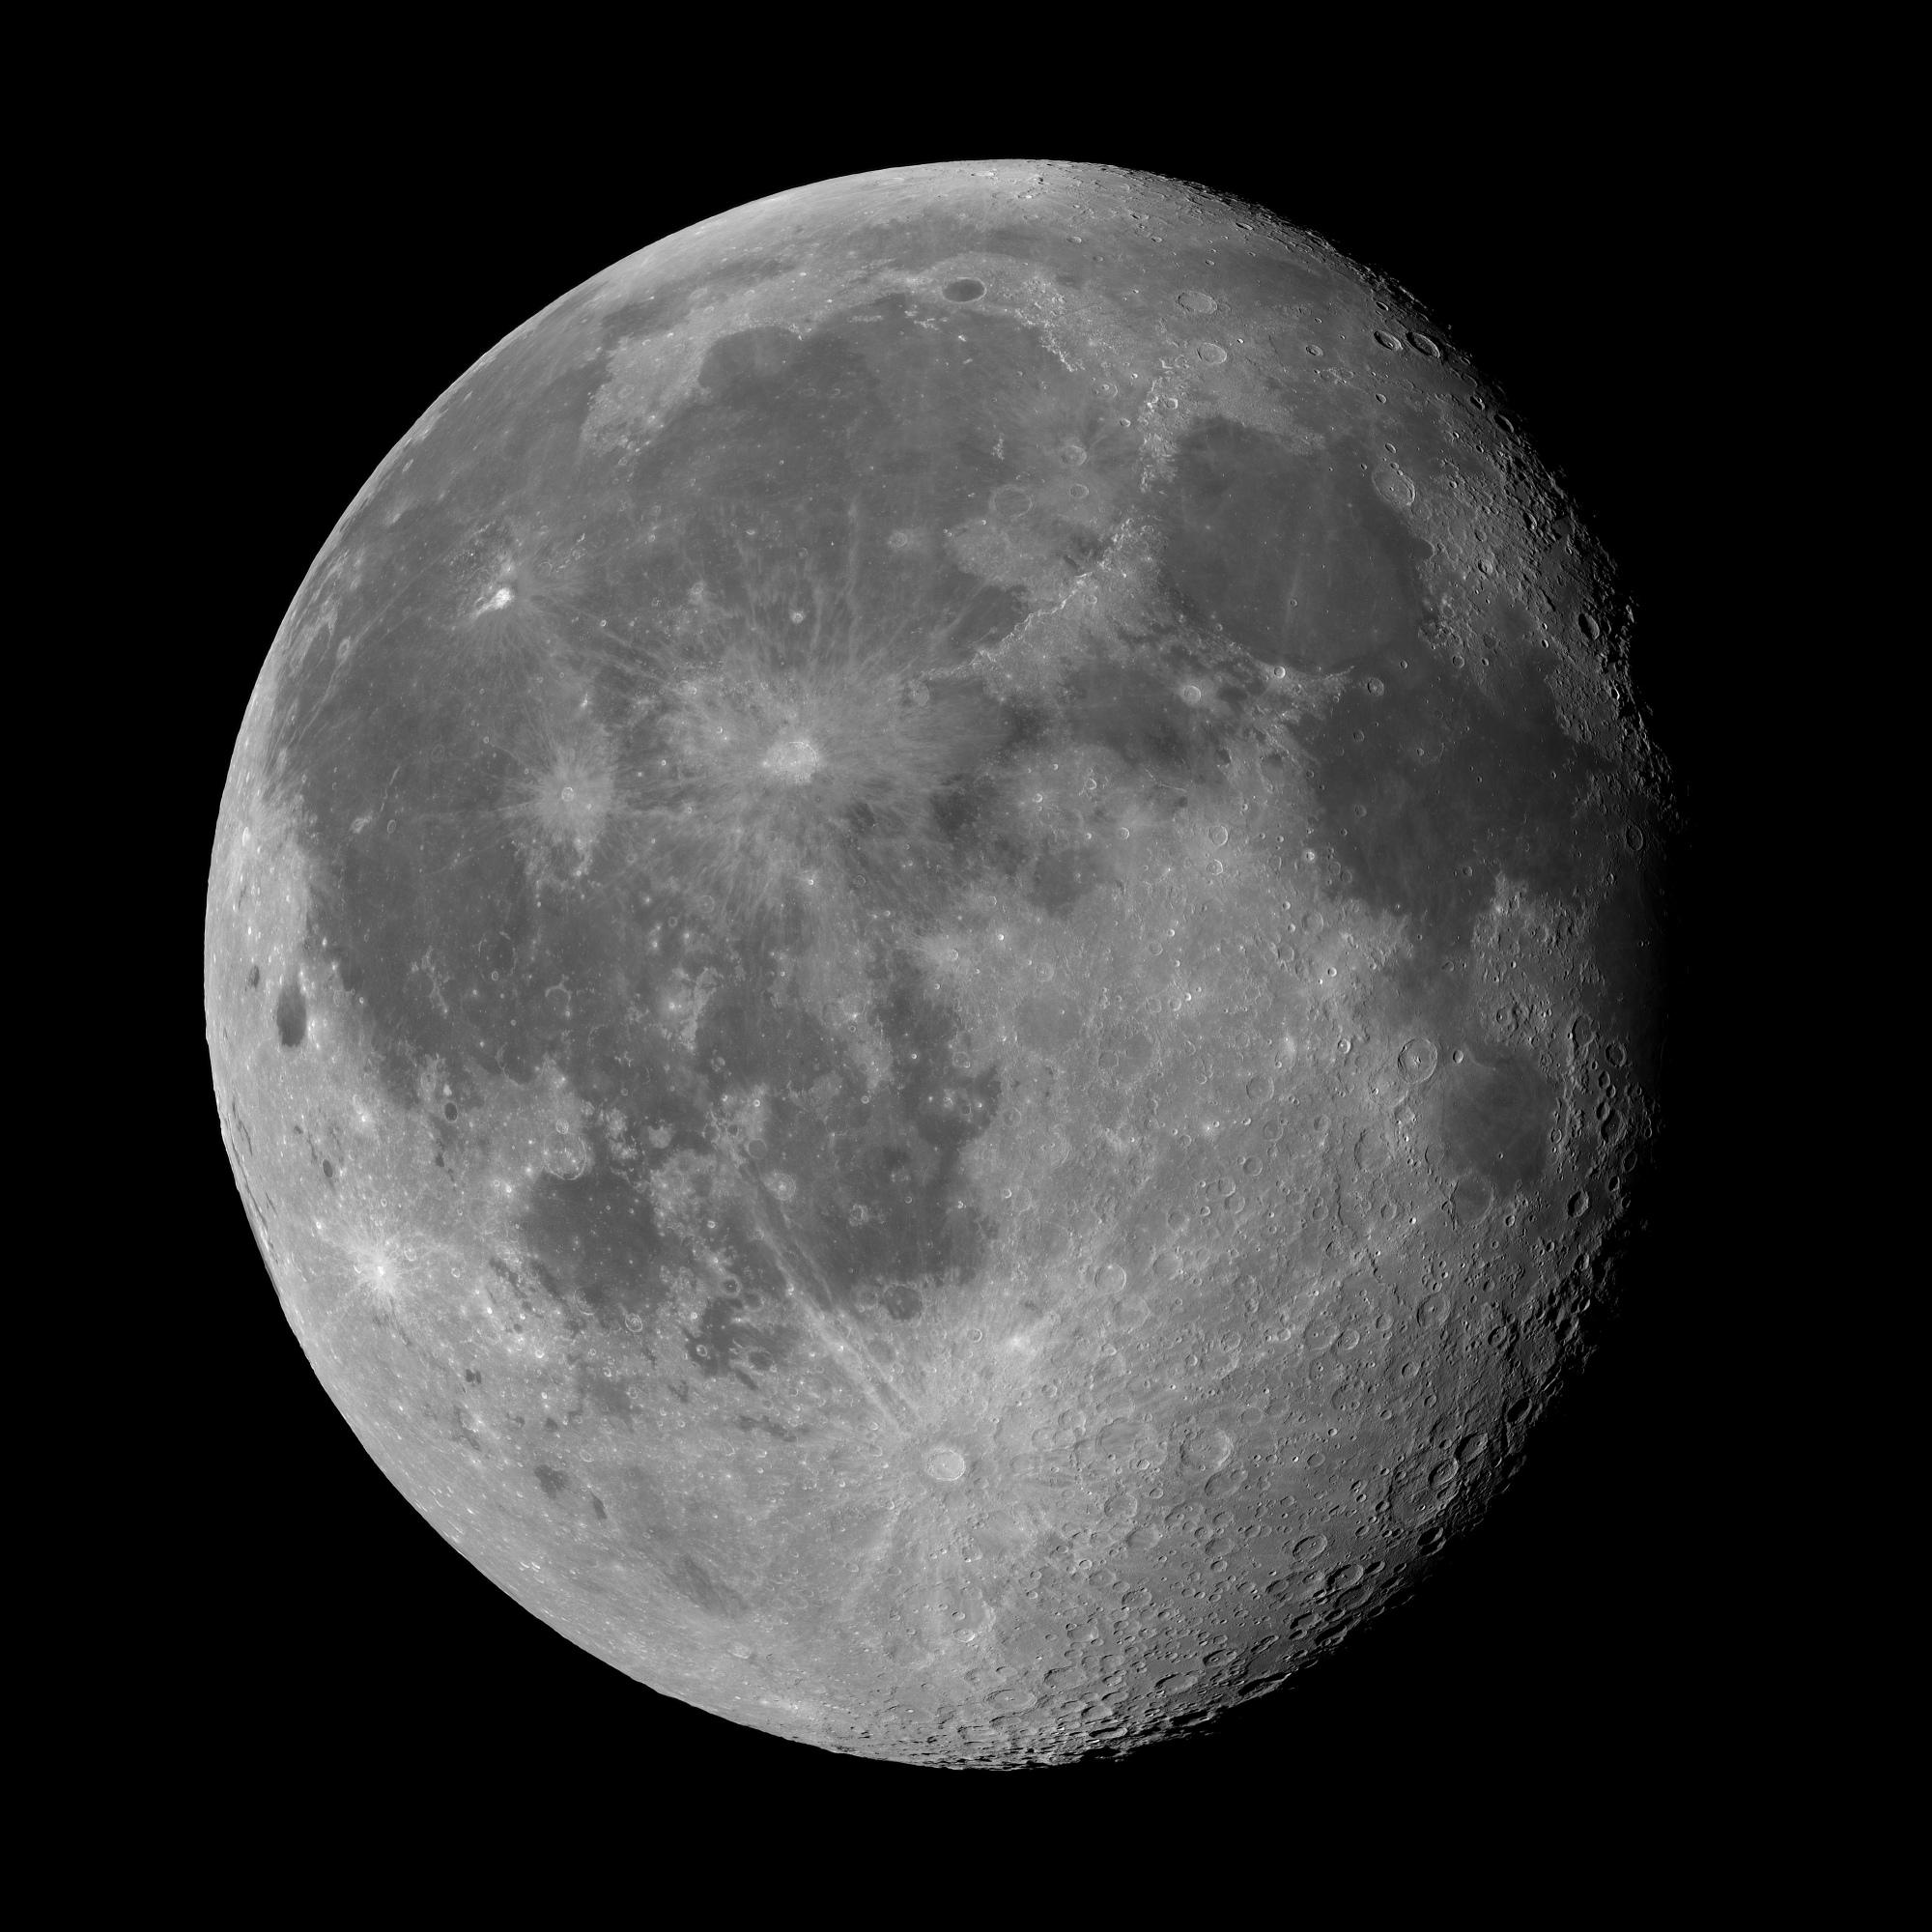 Lune-20210101_Mosa-PSAS.thumb.jpg.617f5682412247bc6833aead6c49b659.jpg